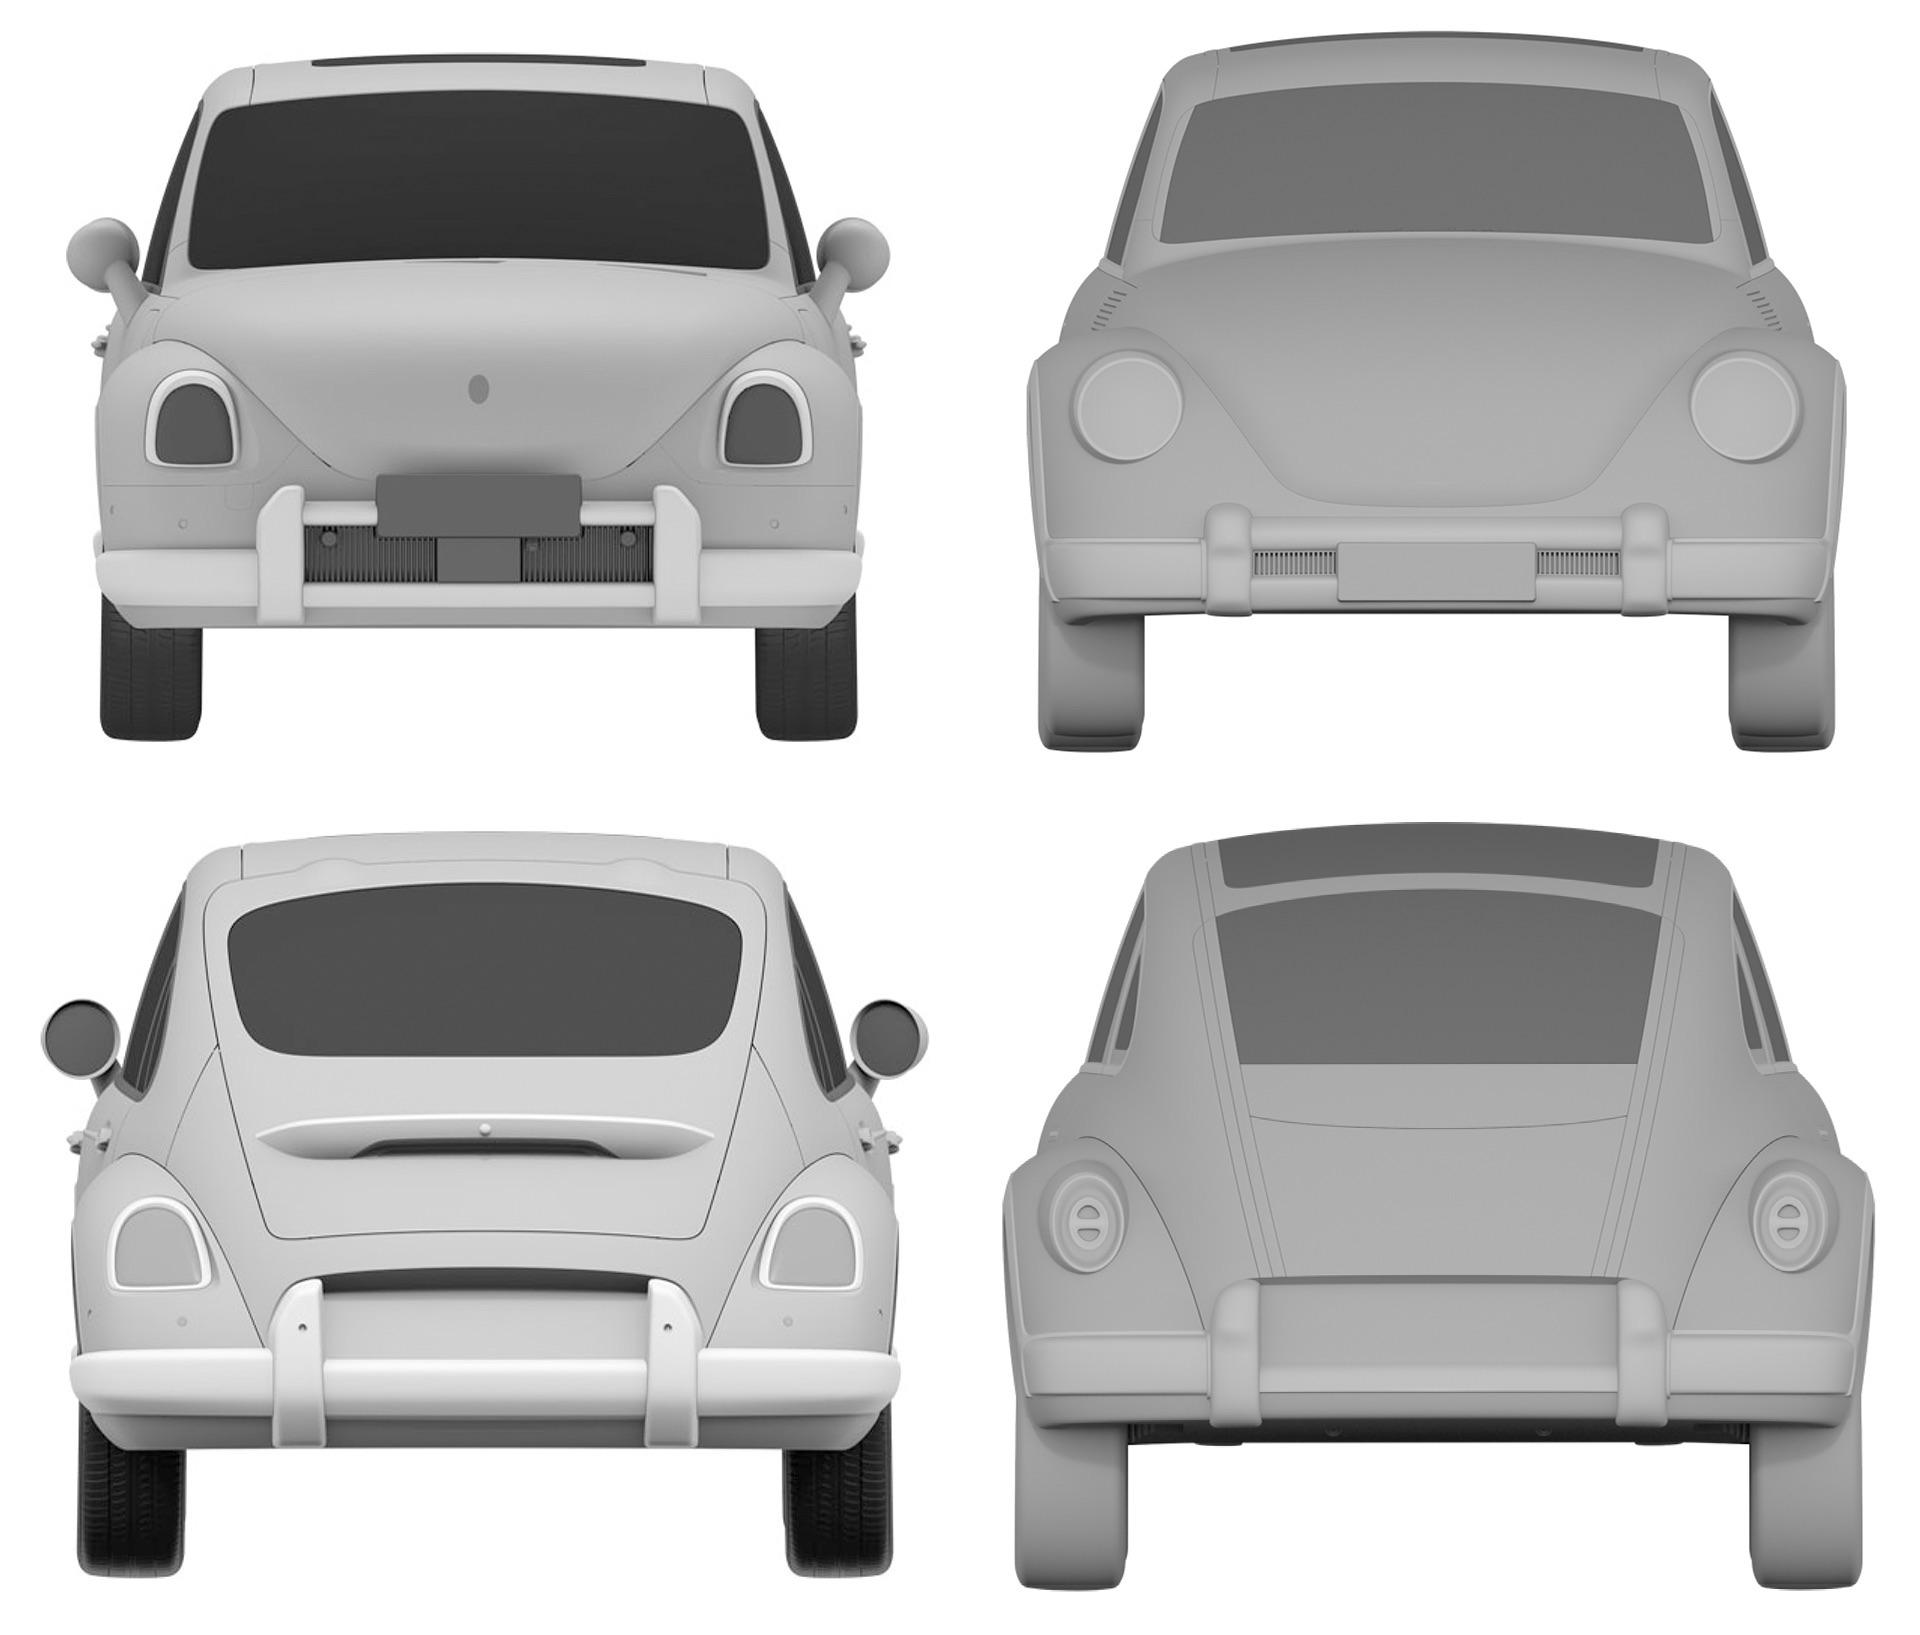 So sánh thiết kế của Volkswagen Beetle và ORA Punk Cat